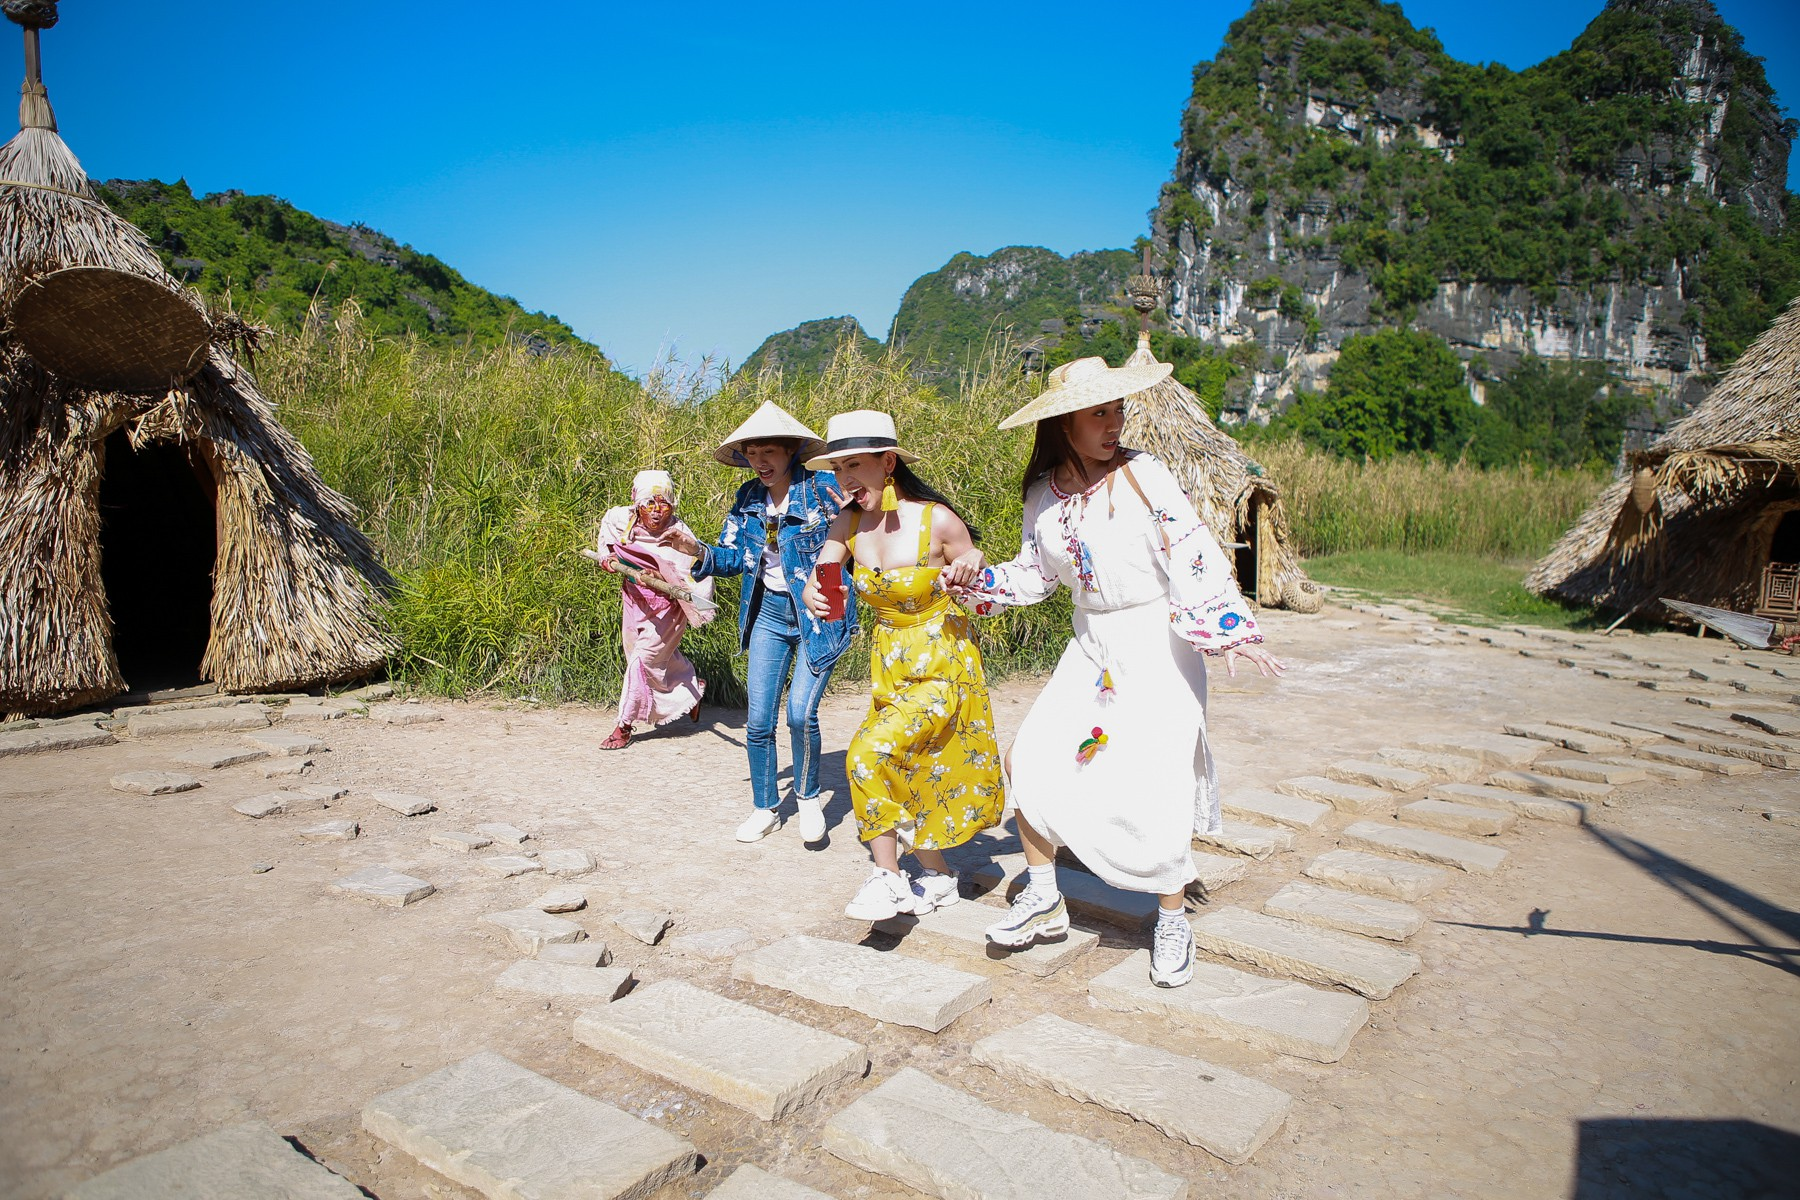 Hội ế Diệu Nhi - Sĩ Thanh - Yaya Trương Nhi bất ngờ gặp HLV Park Hang Seo tại Ninh Bình - Ảnh 2.